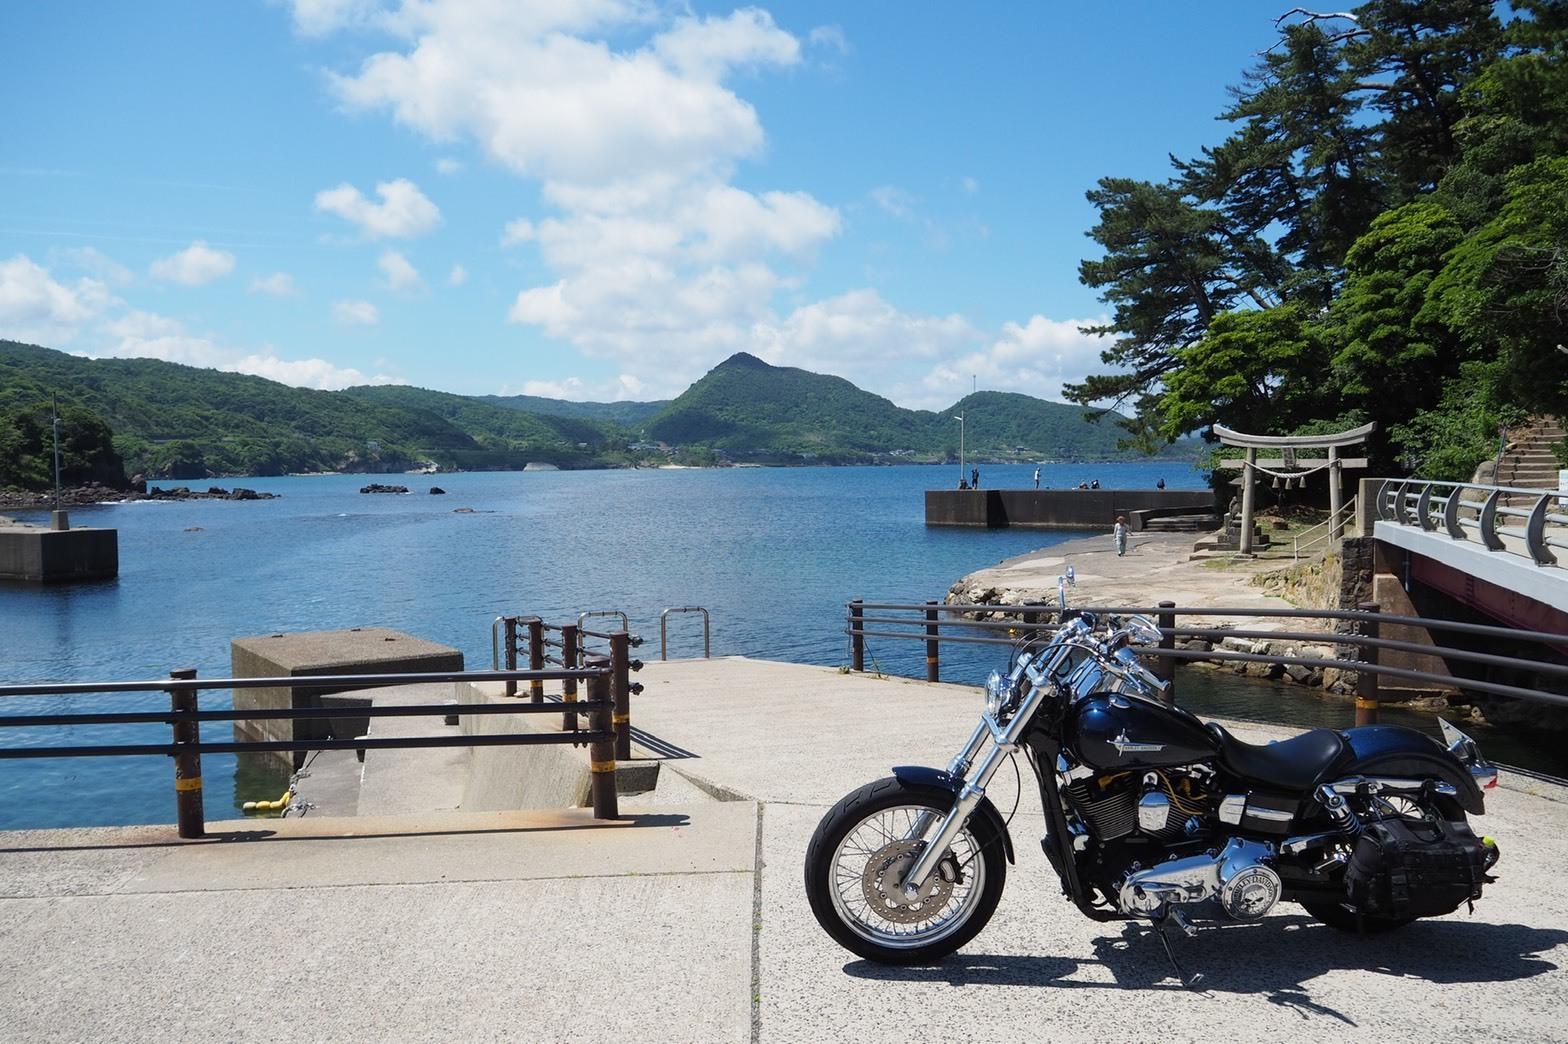 ぴーきち&ダイナ ハーレーブログ 京都丹後半島ツーリンング 城島公園